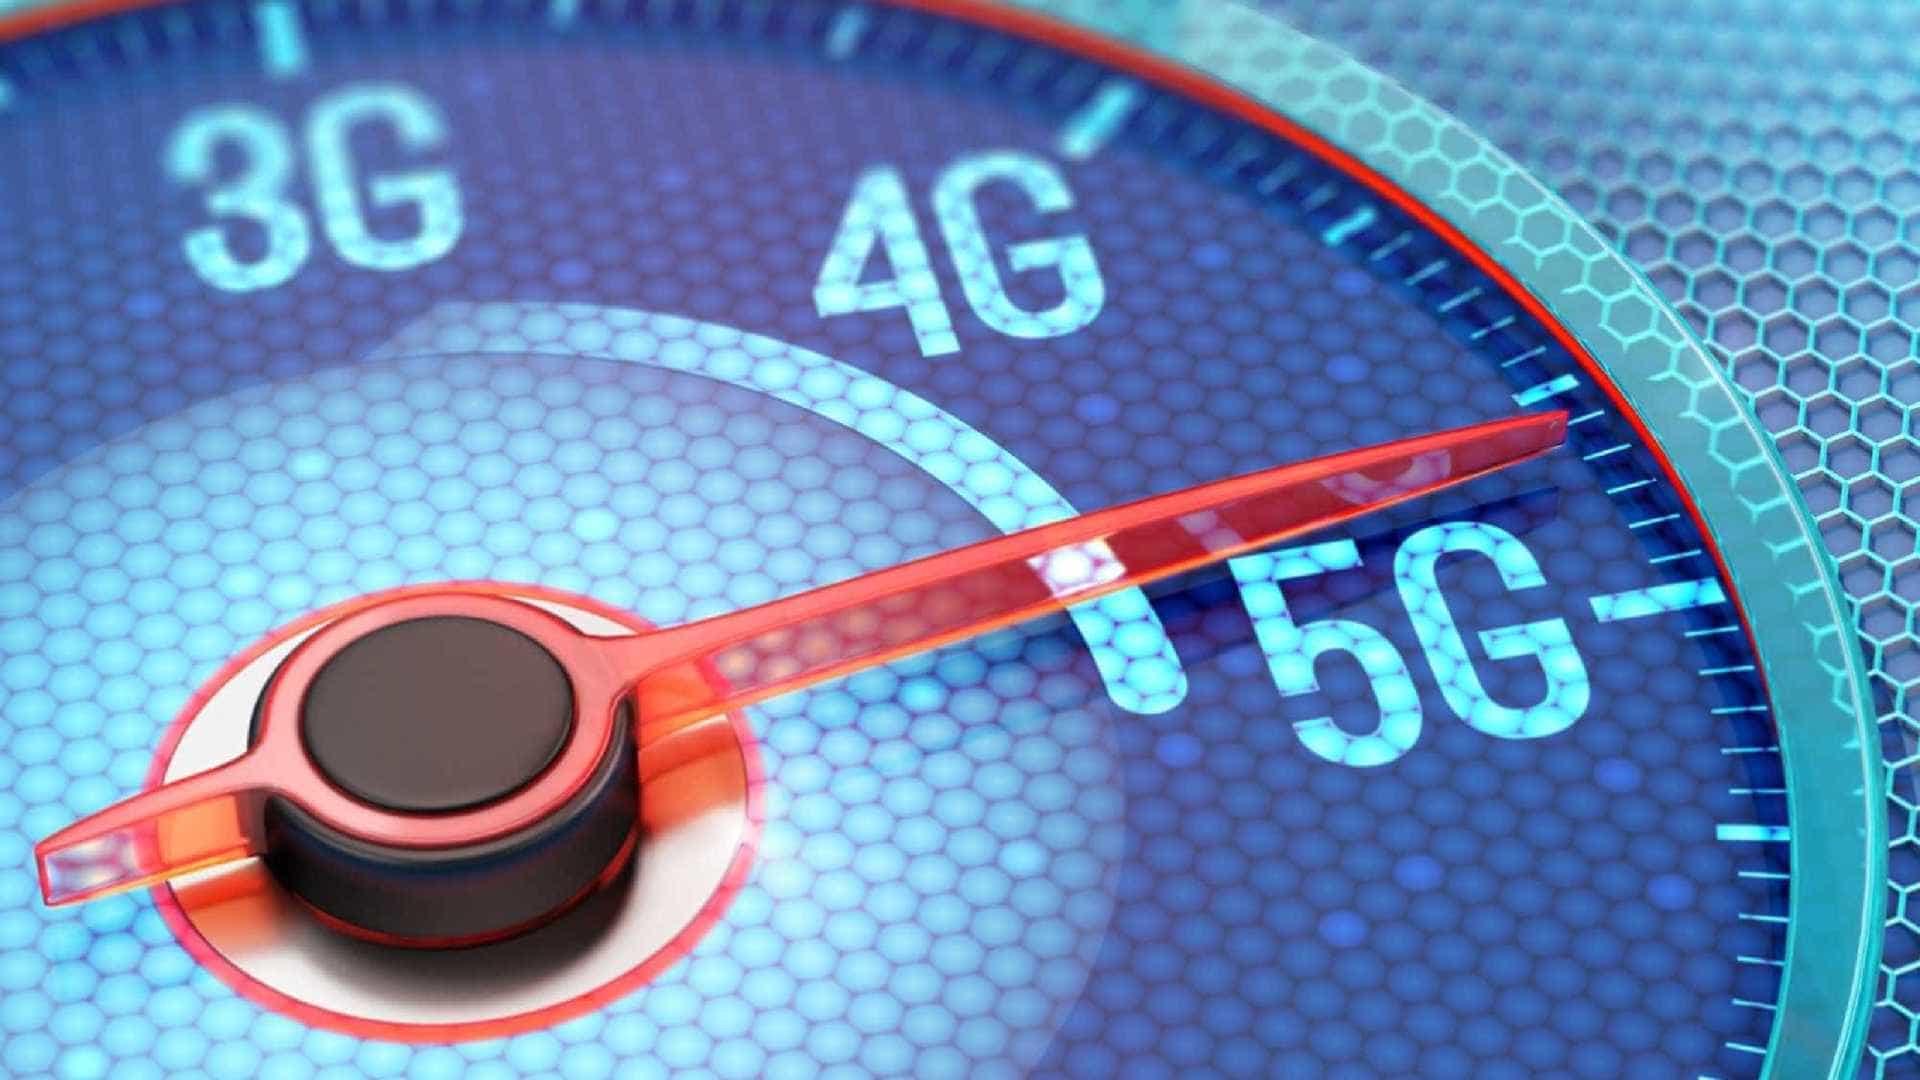 Com atrasos em leilão, teles projetam 5G no país só em 2021